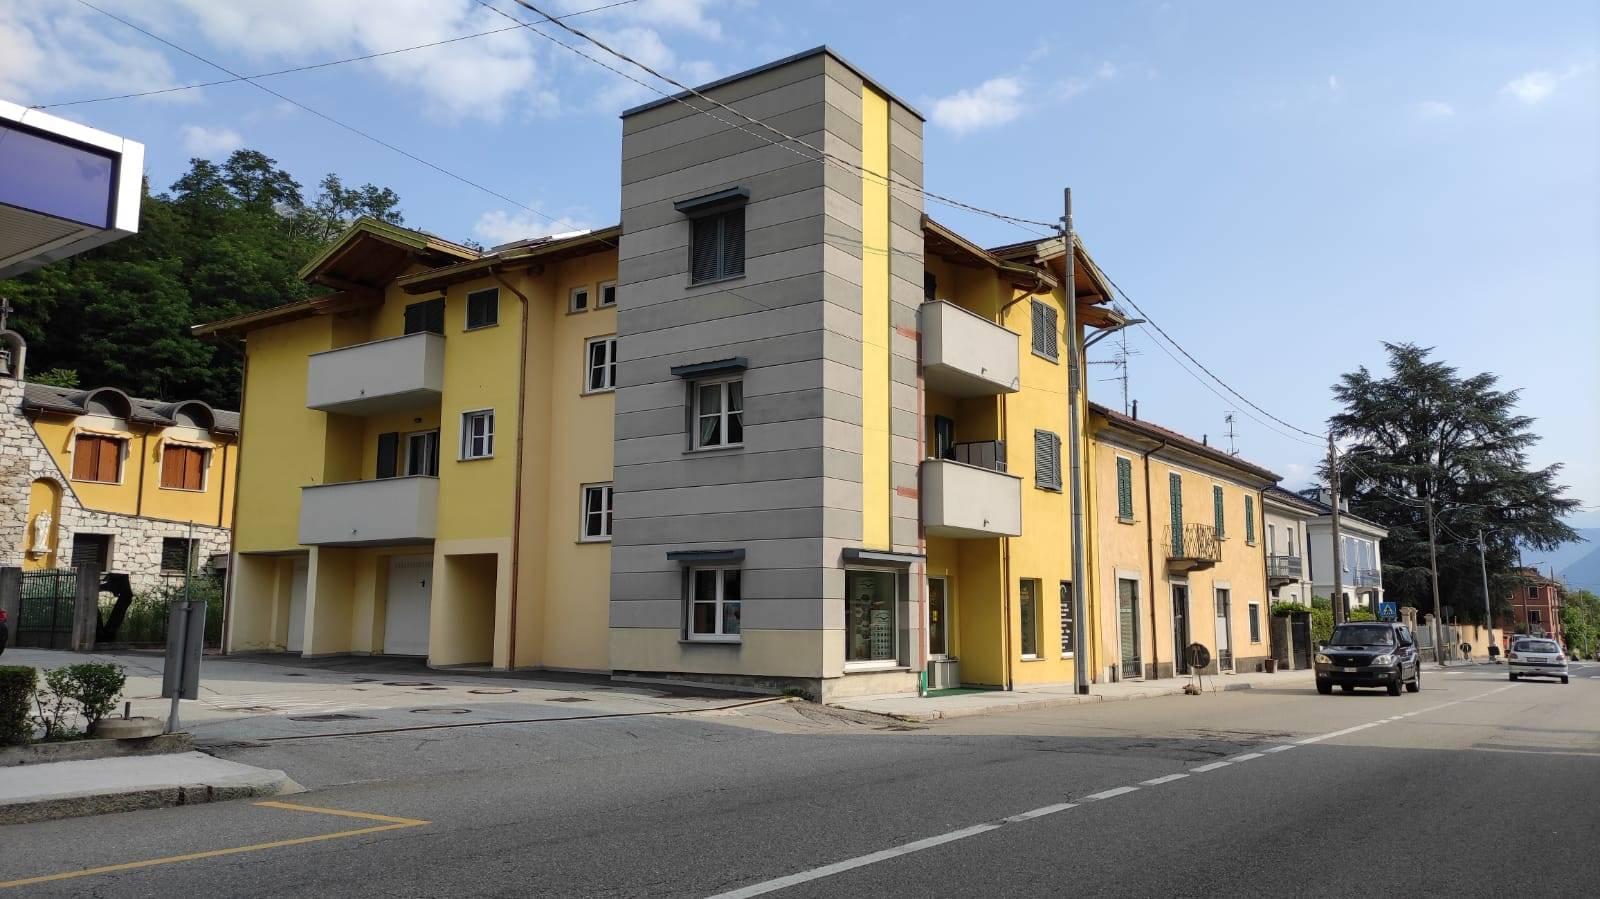 Appartamento in affitto a Omegna, 2 locali, zona Zona: Crusinallo, prezzo € 450   CambioCasa.it